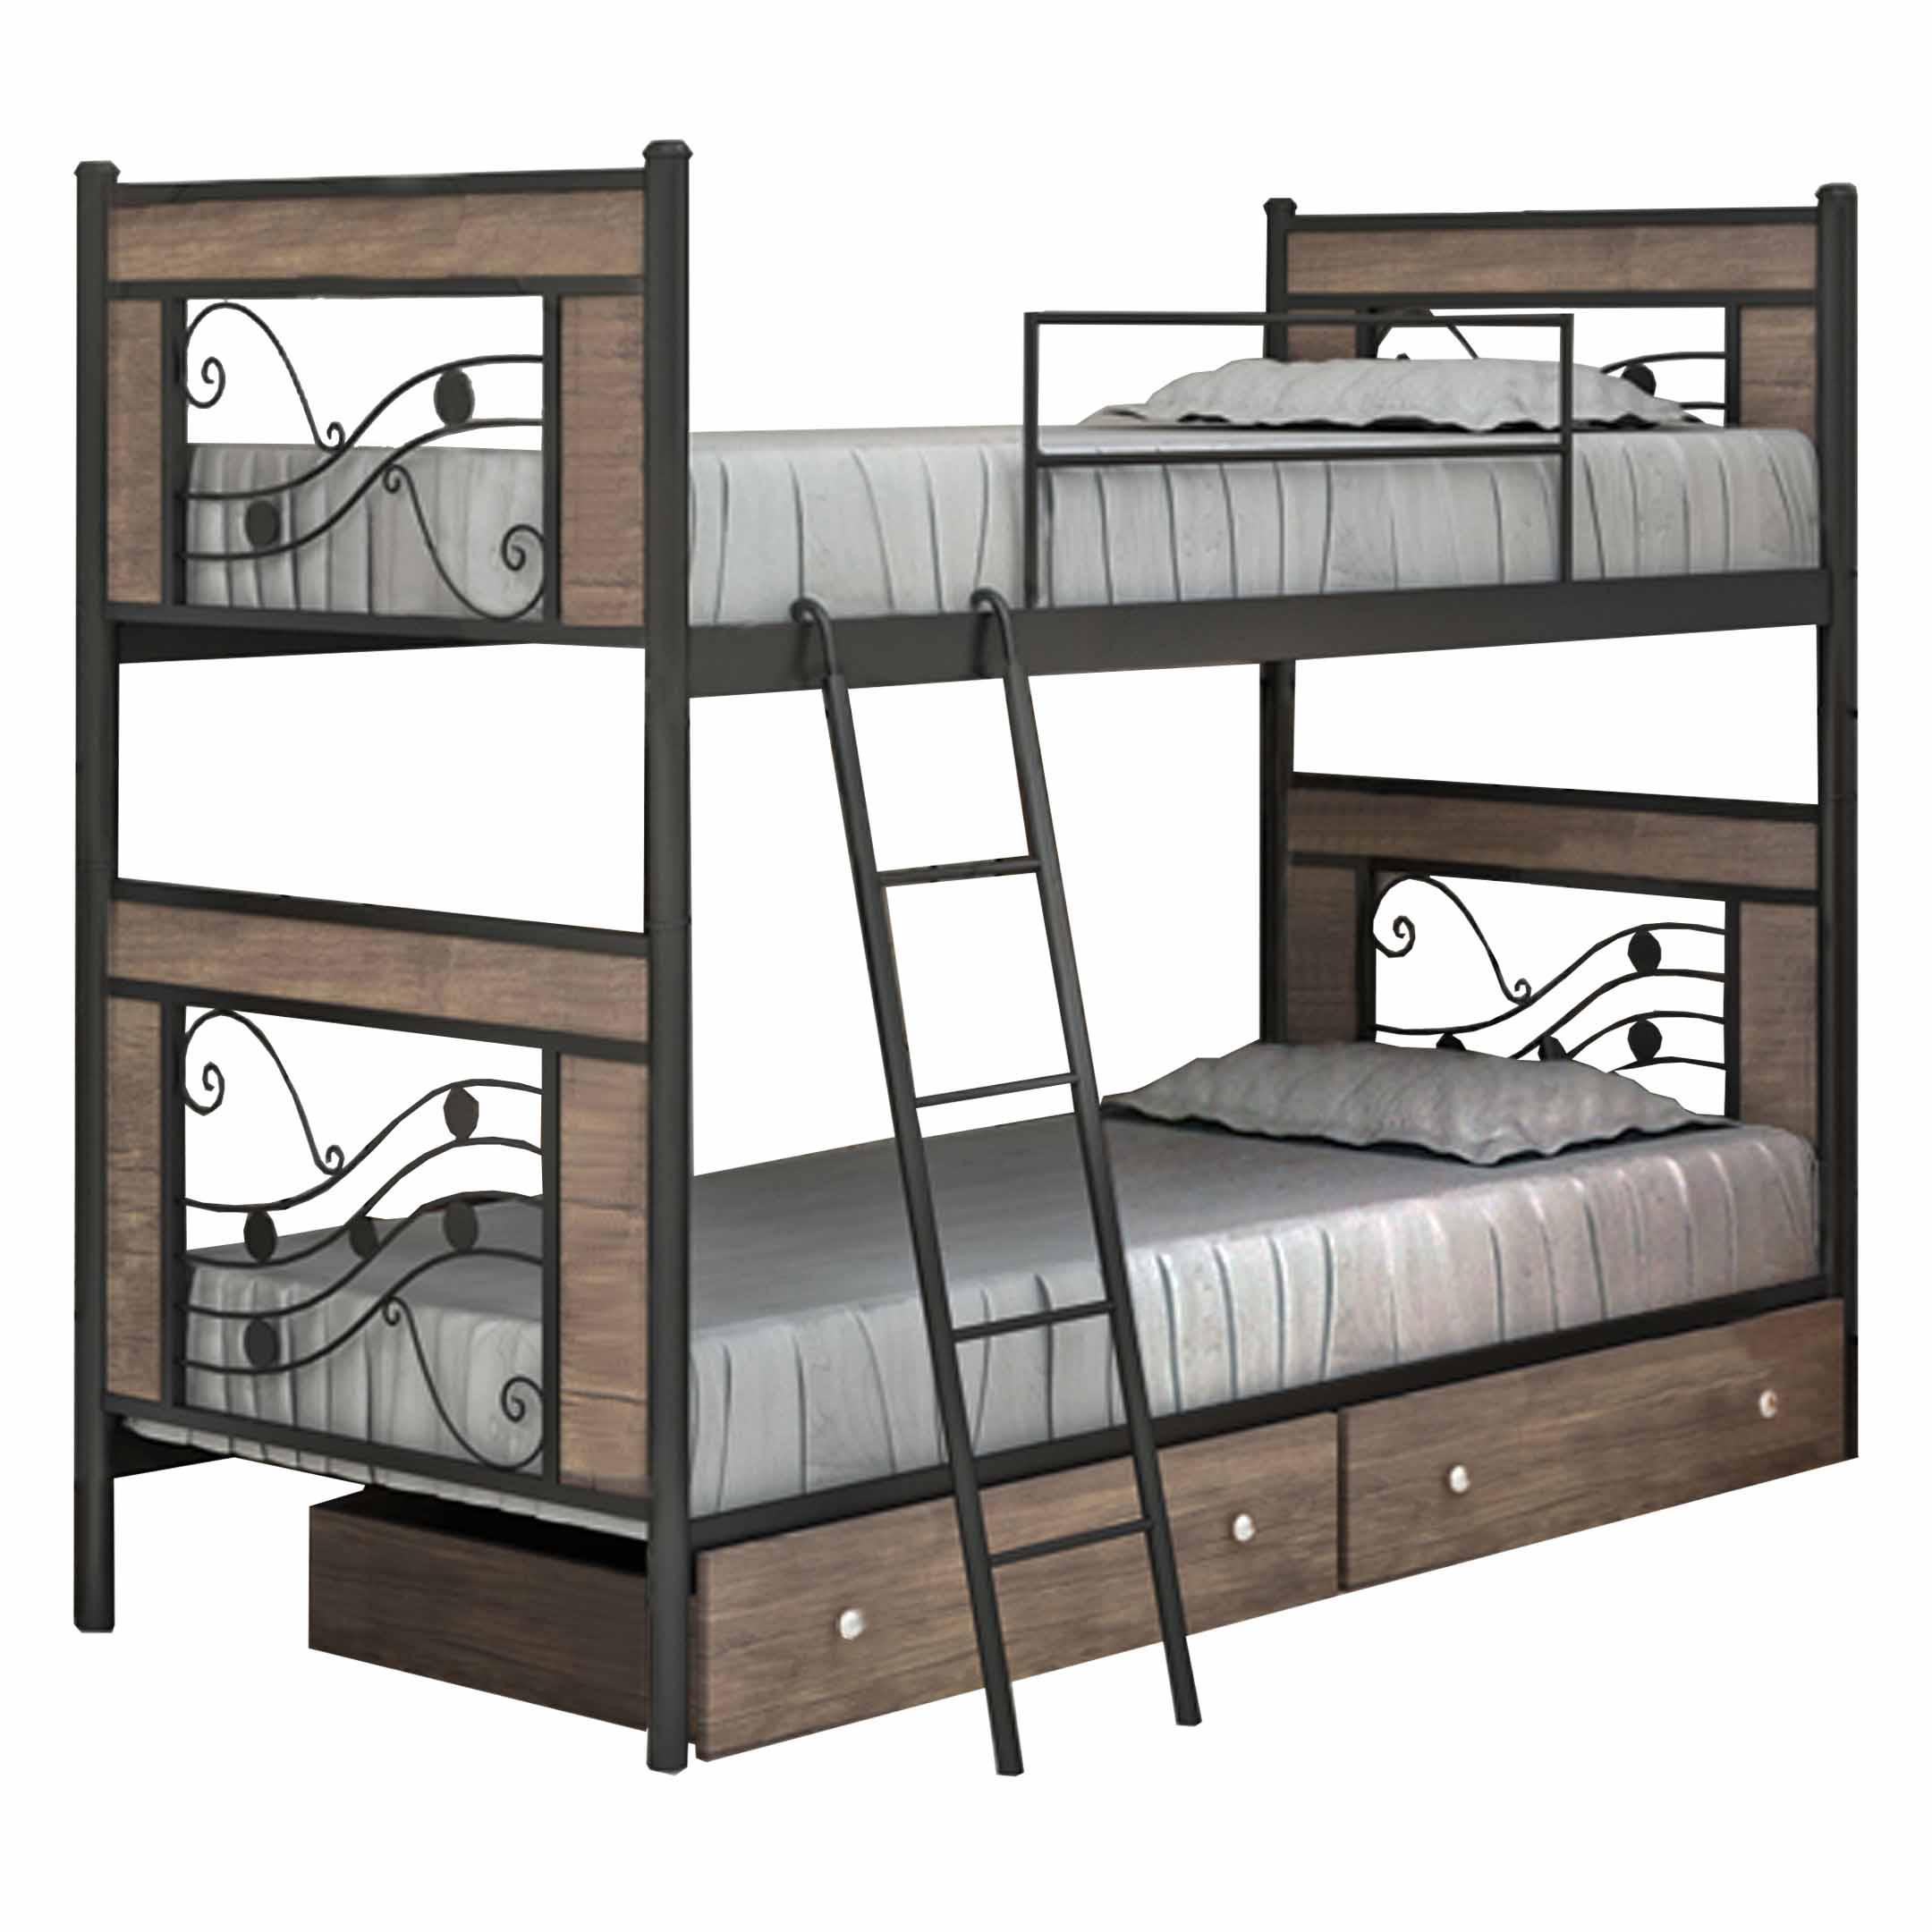 تخت خواب دو طبقه کد SH03 سایز 90x200 سانتیمتر